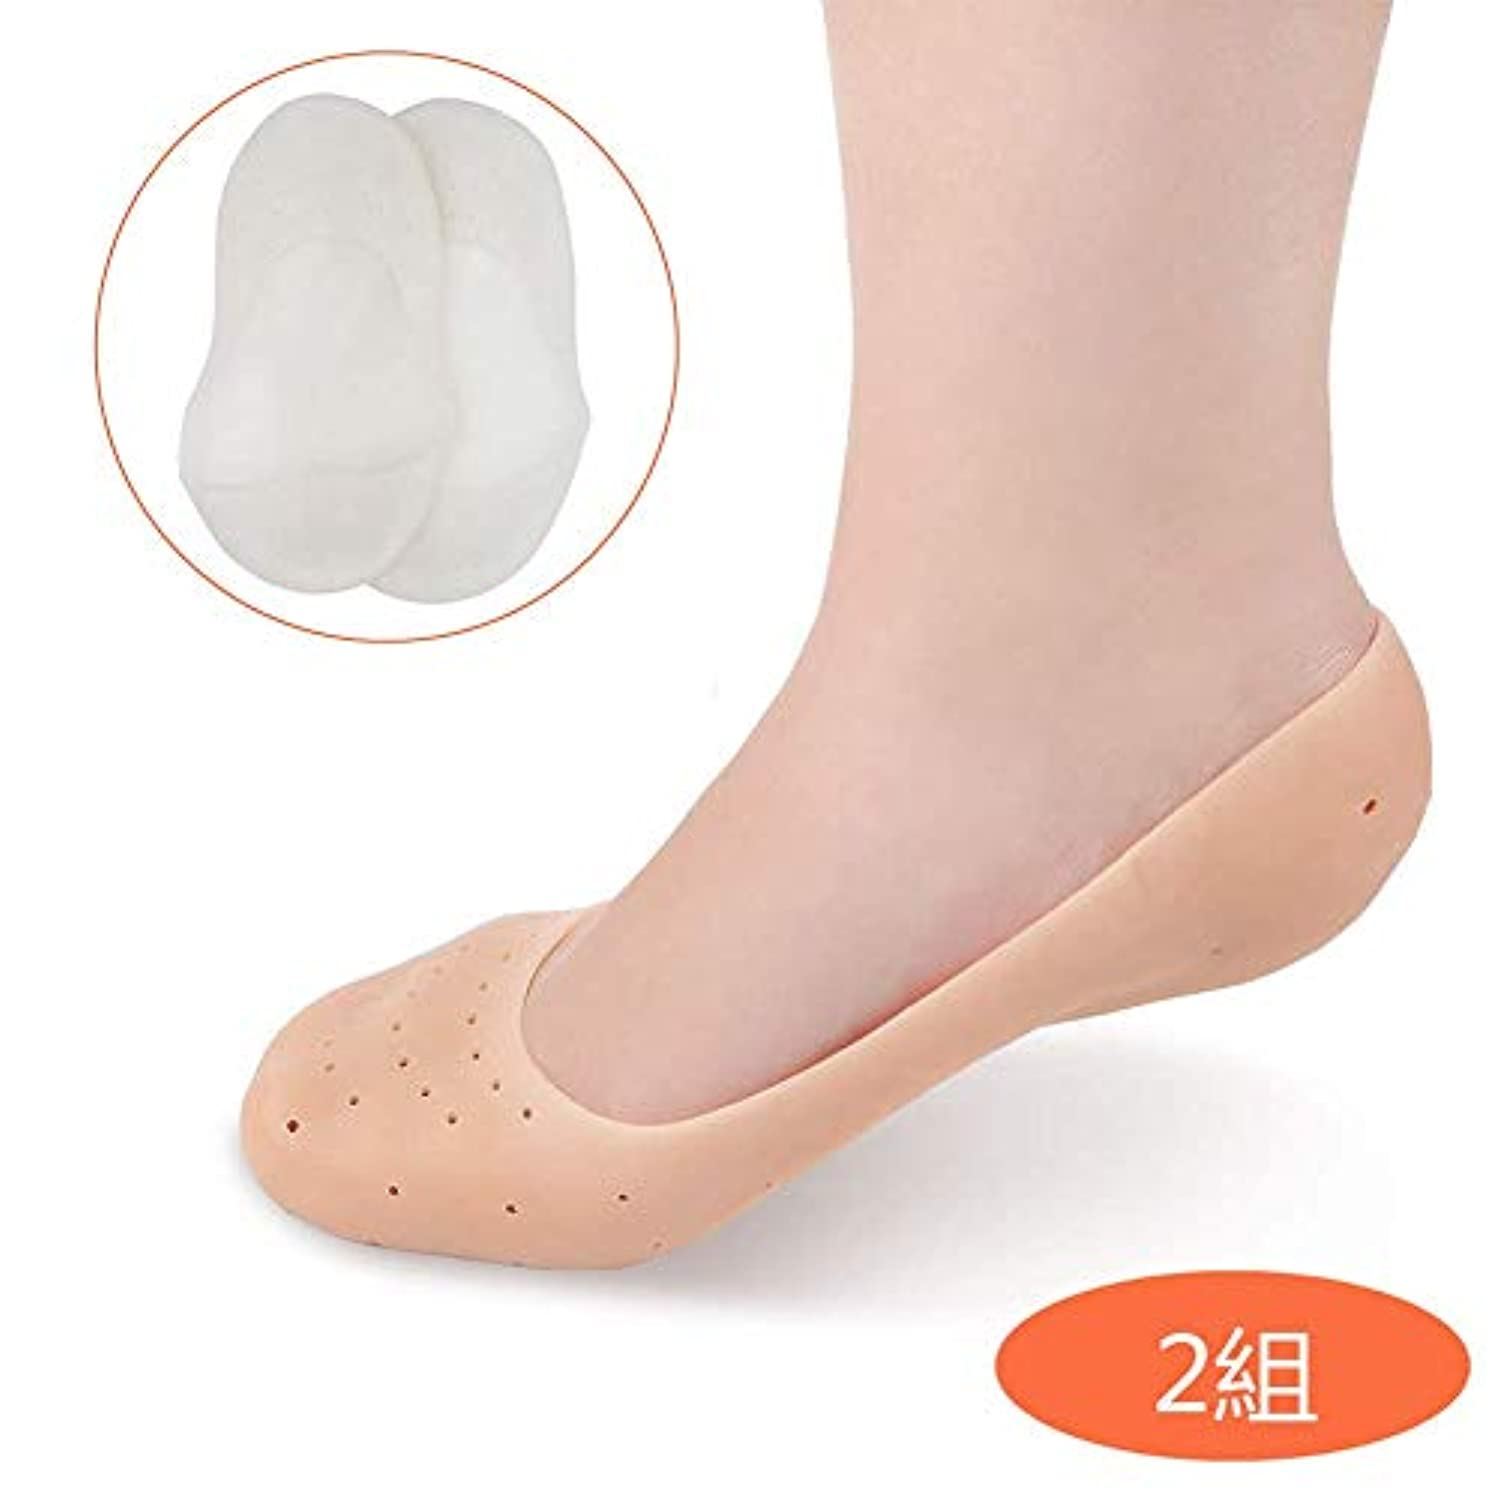 支出フライカイト表面シリコンソックス 靴下 かかとケア ヒールクラック防止 足ケア 保湿 角質ケア 皮膚保護 痛みの緩和 快適 通気性 男女兼用 (2組)